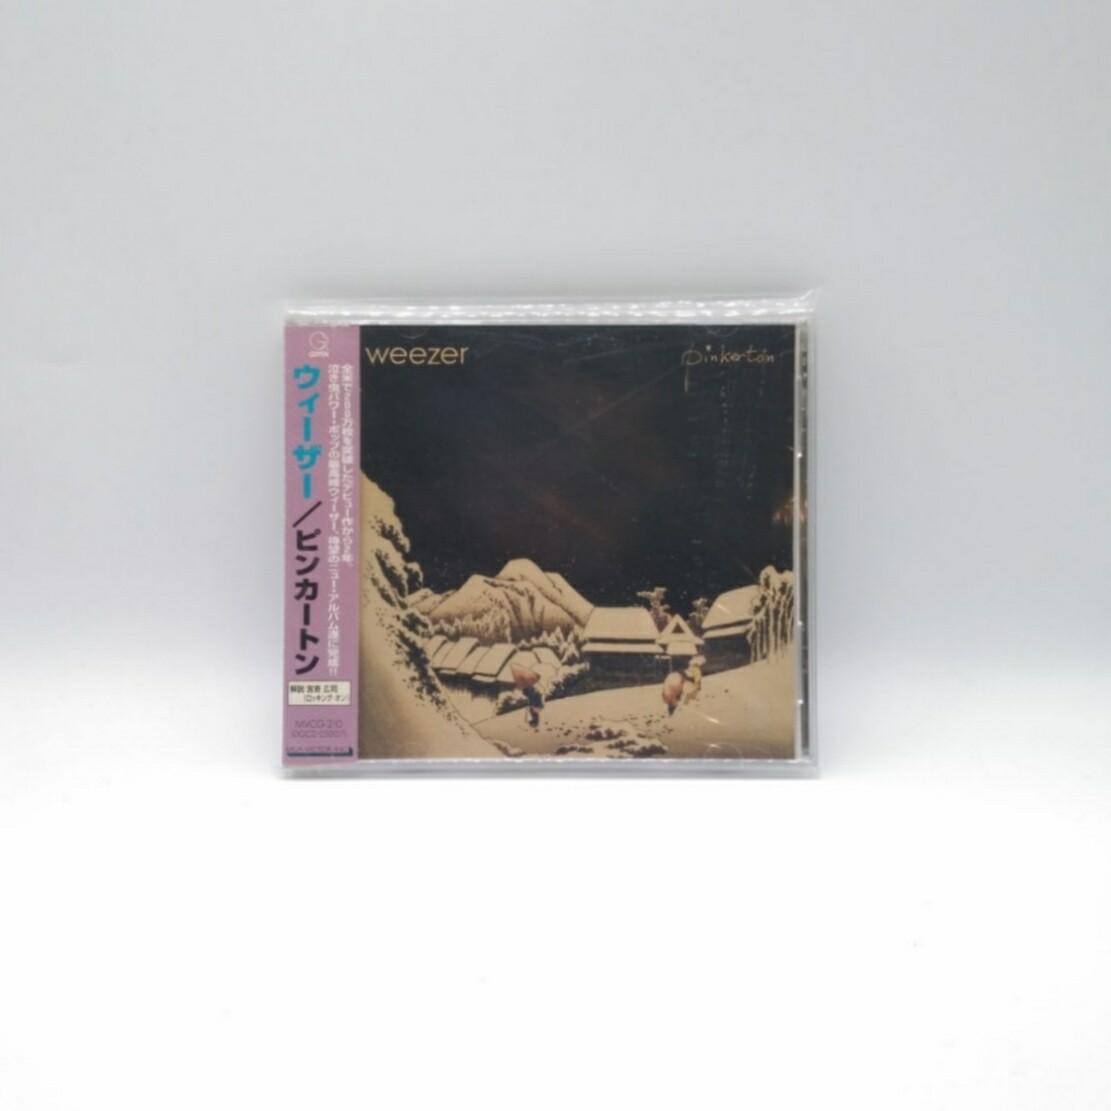 [USED] WEEZER -PINKERTON- CD (JAPAN PRESS)